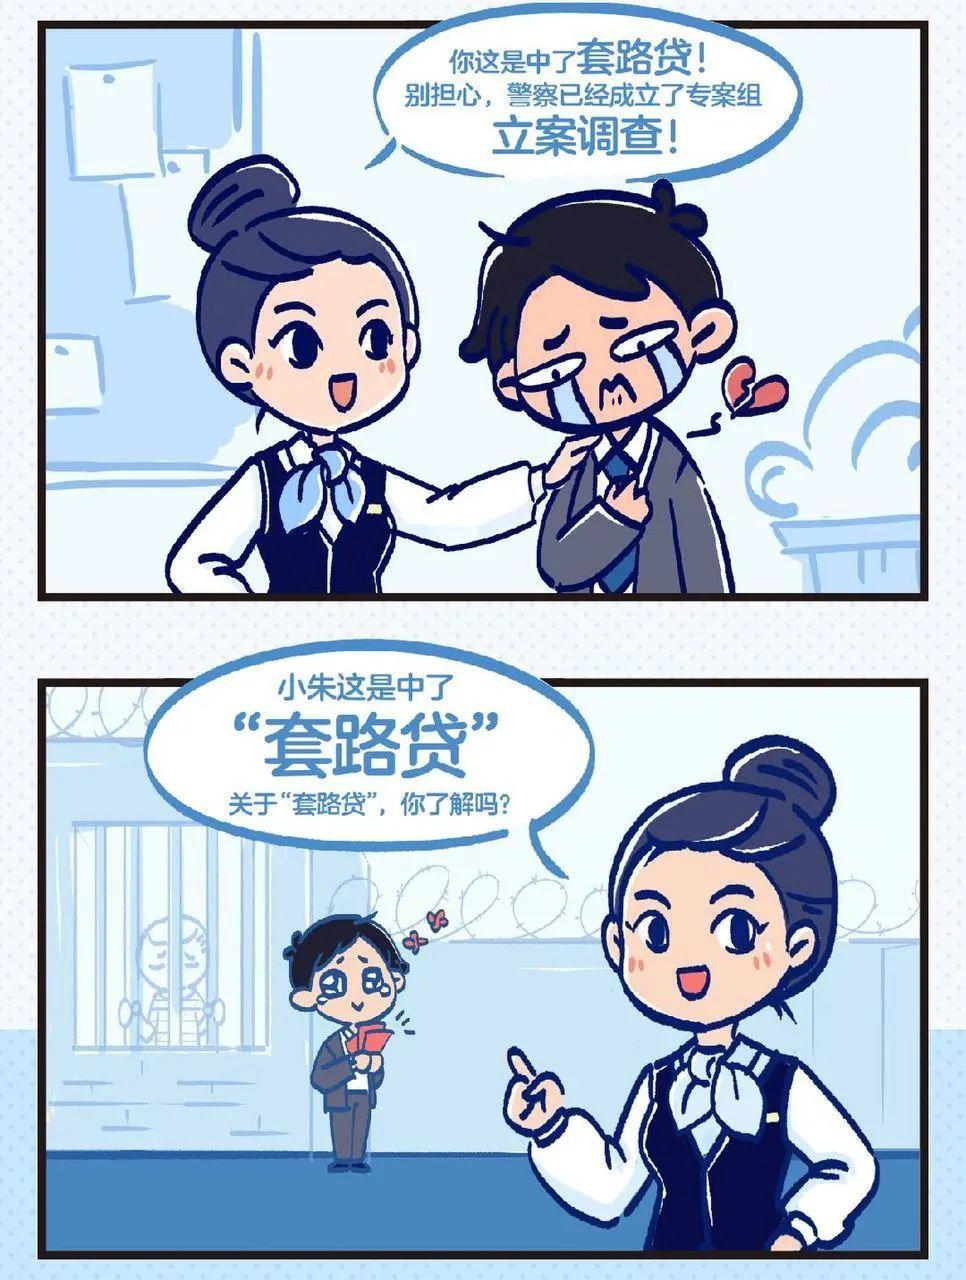 """反洗钱小课堂③:教你识破""""套路贷"""""""